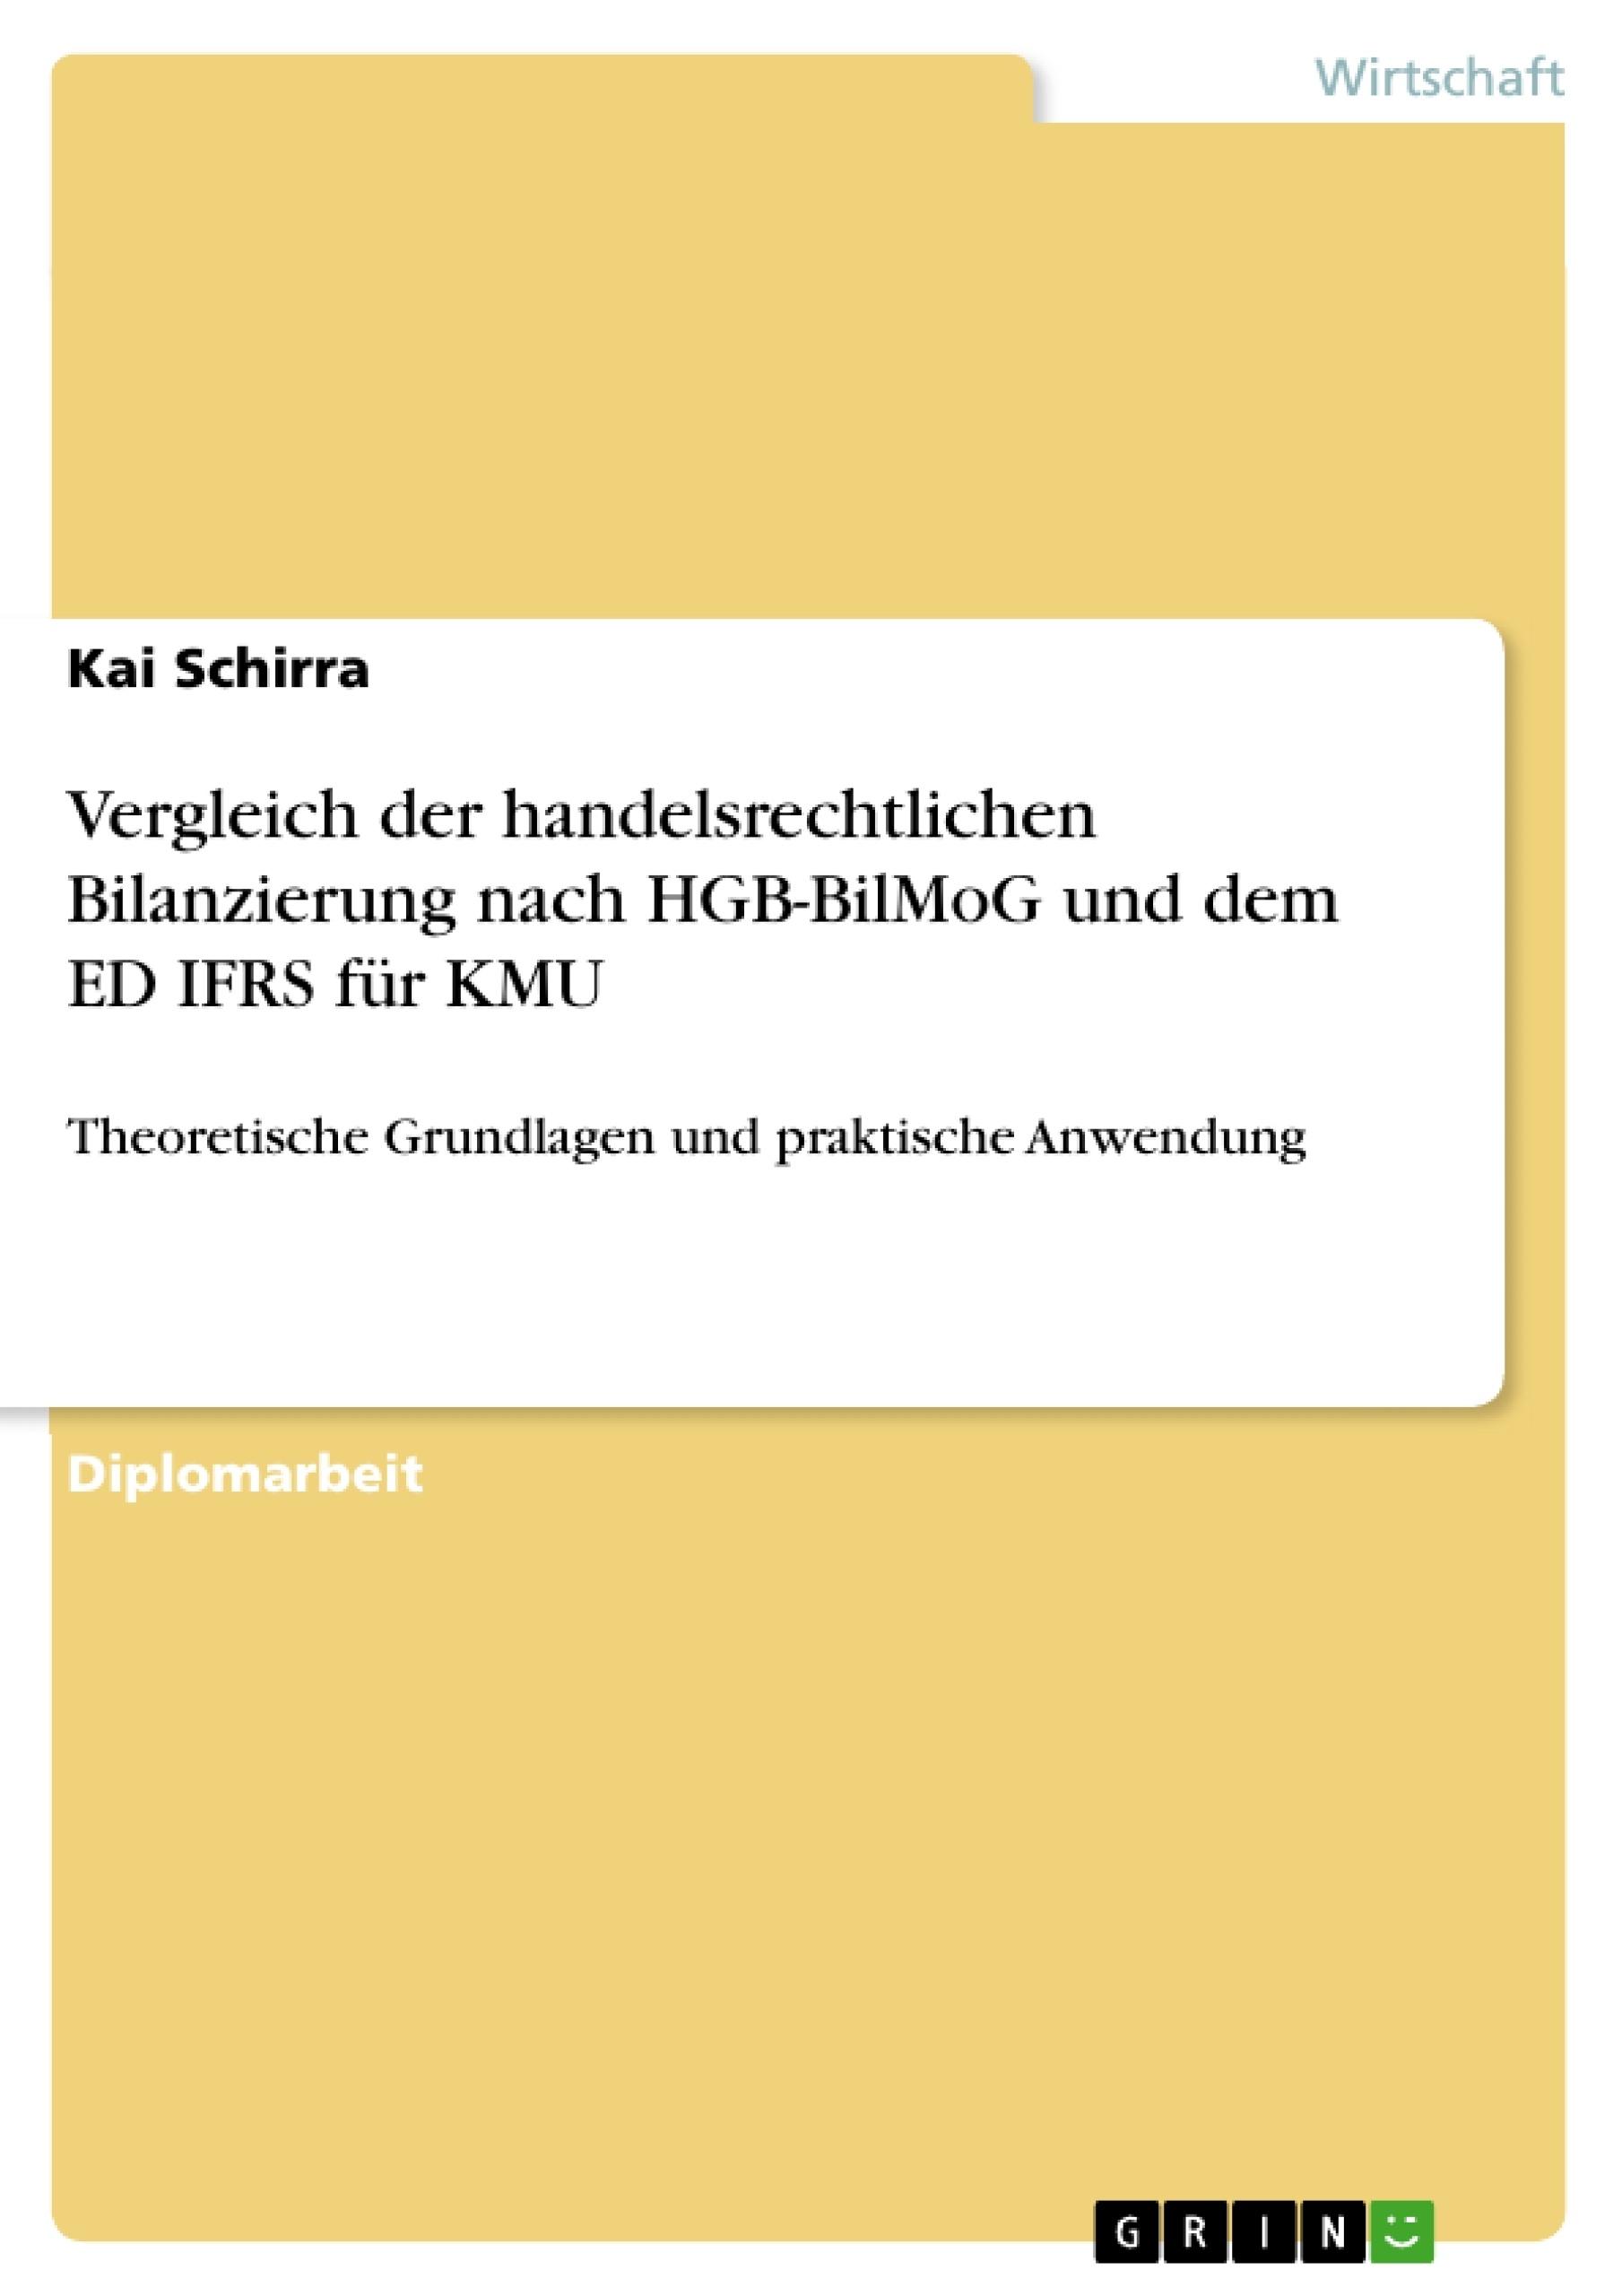 Titel: Vergleich der handelsrechtlichen Bilanzierung nach HGB-BilMoG und dem ED IFRS für KMU